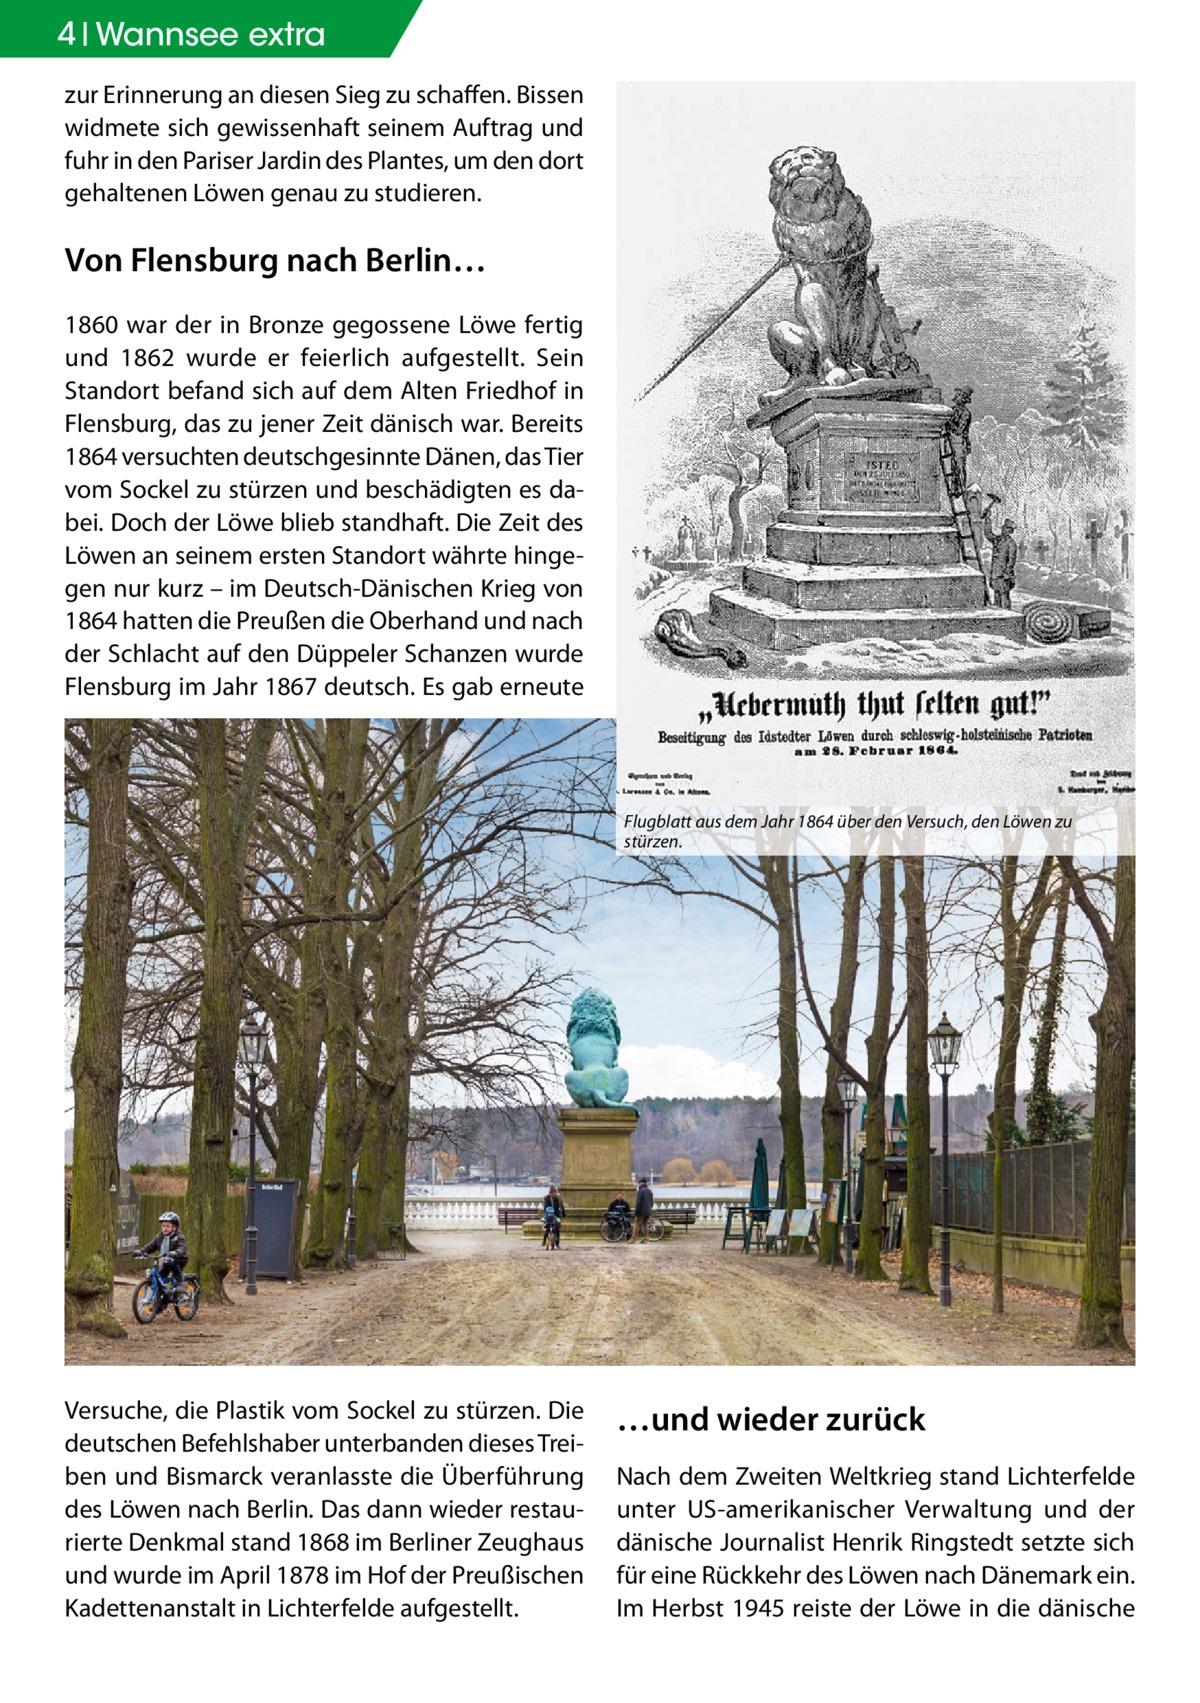 4 Geschichte Wannsee extra zur Erinnerung an diesen Sieg zu schaffen. Bissen widmete sich gewissenhaft seinem Auftrag und fuhr in den Pariser Jardin des Plantes, um den dort gehaltenen Löwen genau zu studieren.  Von Flensburg nach Berlin… 1860 war der in Bronze gegossene Löwe fertig und 1862 wurde er feierlich aufgestellt. Sein Standort befand sich auf dem Alten Friedhof in Flensburg, das zu jener Zeit dänisch war. Bereits 1864 versuchten deutschgesinnte Dänen, das Tier vom Sockel zu stürzen und beschädigten es dabei. Doch der Löwe blieb standhaft. Die Zeit des Löwen an seinem ersten Standort währte hingegen nur kurz – im Deutsch-Dänischen Krieg von 1864 hatten die Preußen die Oberhand und nach der Schlacht auf den Düppeler Schanzen wurde Flensburg im Jahr 1867 deutsch. Es gab erneute  Flugblatt aus dem Jahr 1864 über den Versuch, den Löwen zu stürzen.  Versuche, die Plastik vom Sockel zu stürzen. Die deutschen Befehlshaber unterbanden dieses Treiben und Bismarck veranlasste die Überführung des Löwen nach Berlin. Das dann wieder restaurierte Denkmal stand 1868 im Berliner Zeughaus und wurde im April 1878 im Hof der Preußischen Kadettenanstalt in Lichterfelde aufgestellt.  …und wieder zurück Nach dem Zweiten Weltkrieg stand Lichterfelde unter US-amerikanischer Verwaltung und der dänische Journalist Henrik Ringstedt setzte sich für eine Rückkehr des Löwen nach Dänemark ein. Im Herbst 1945 reiste der Löwe in die dänische